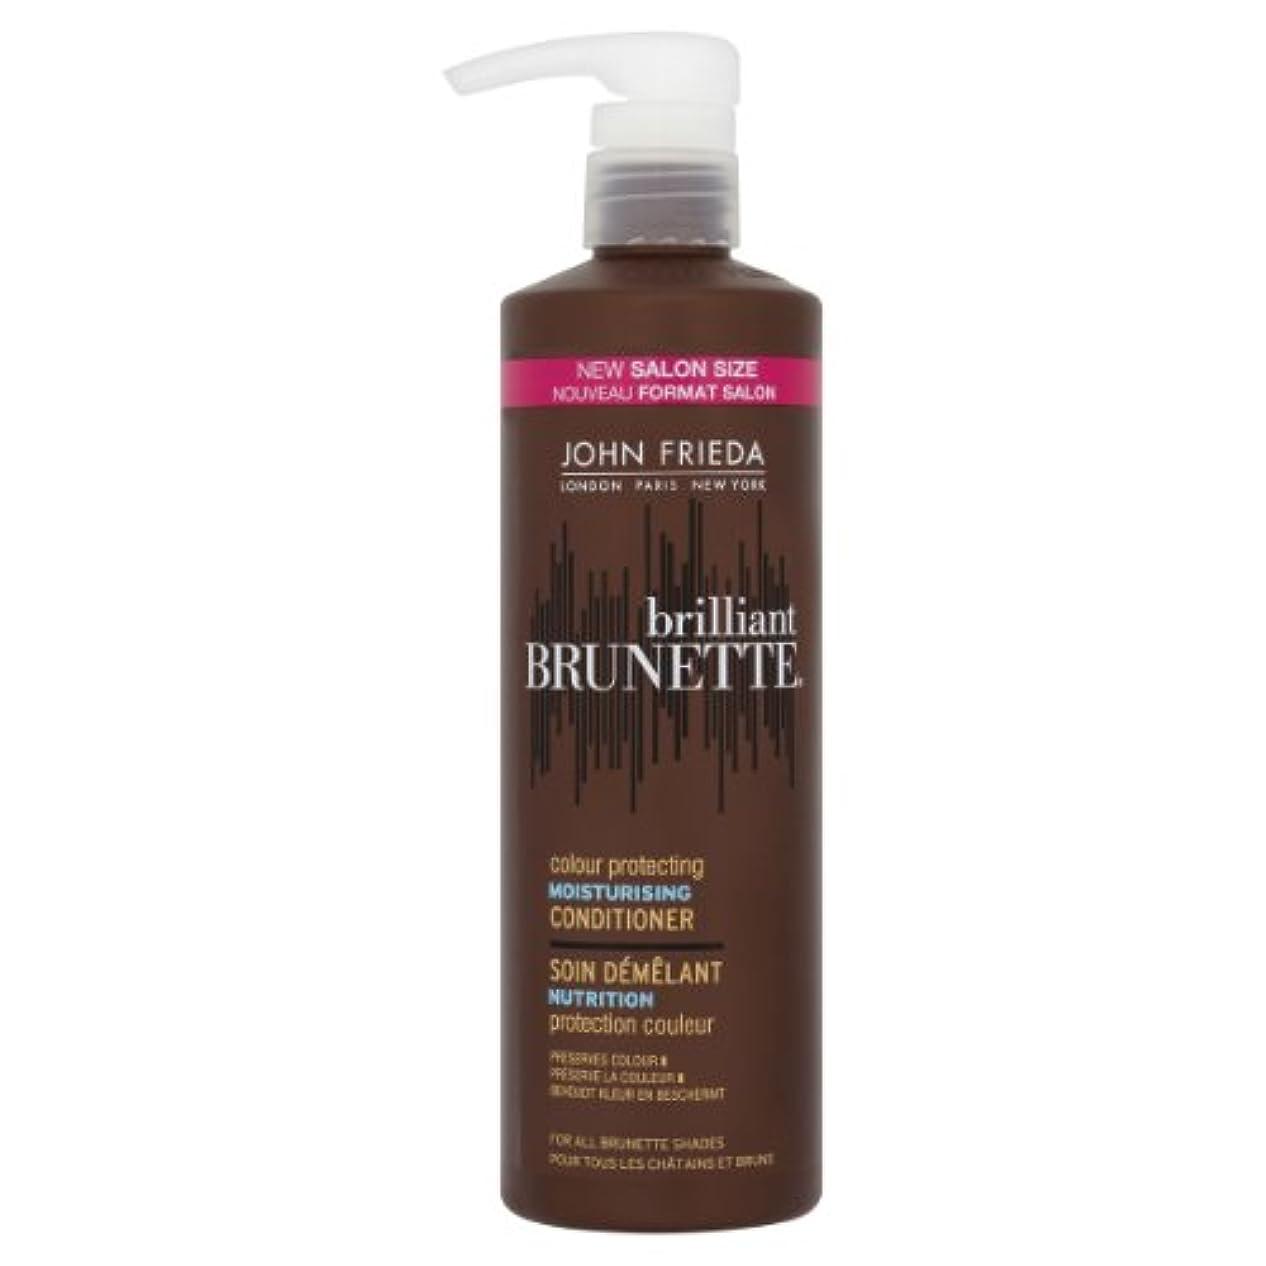 トーク哲学者ジャケットJohn Frieda Brilliant Brunette Colour Protecting Moisturising Conditioner 500ml